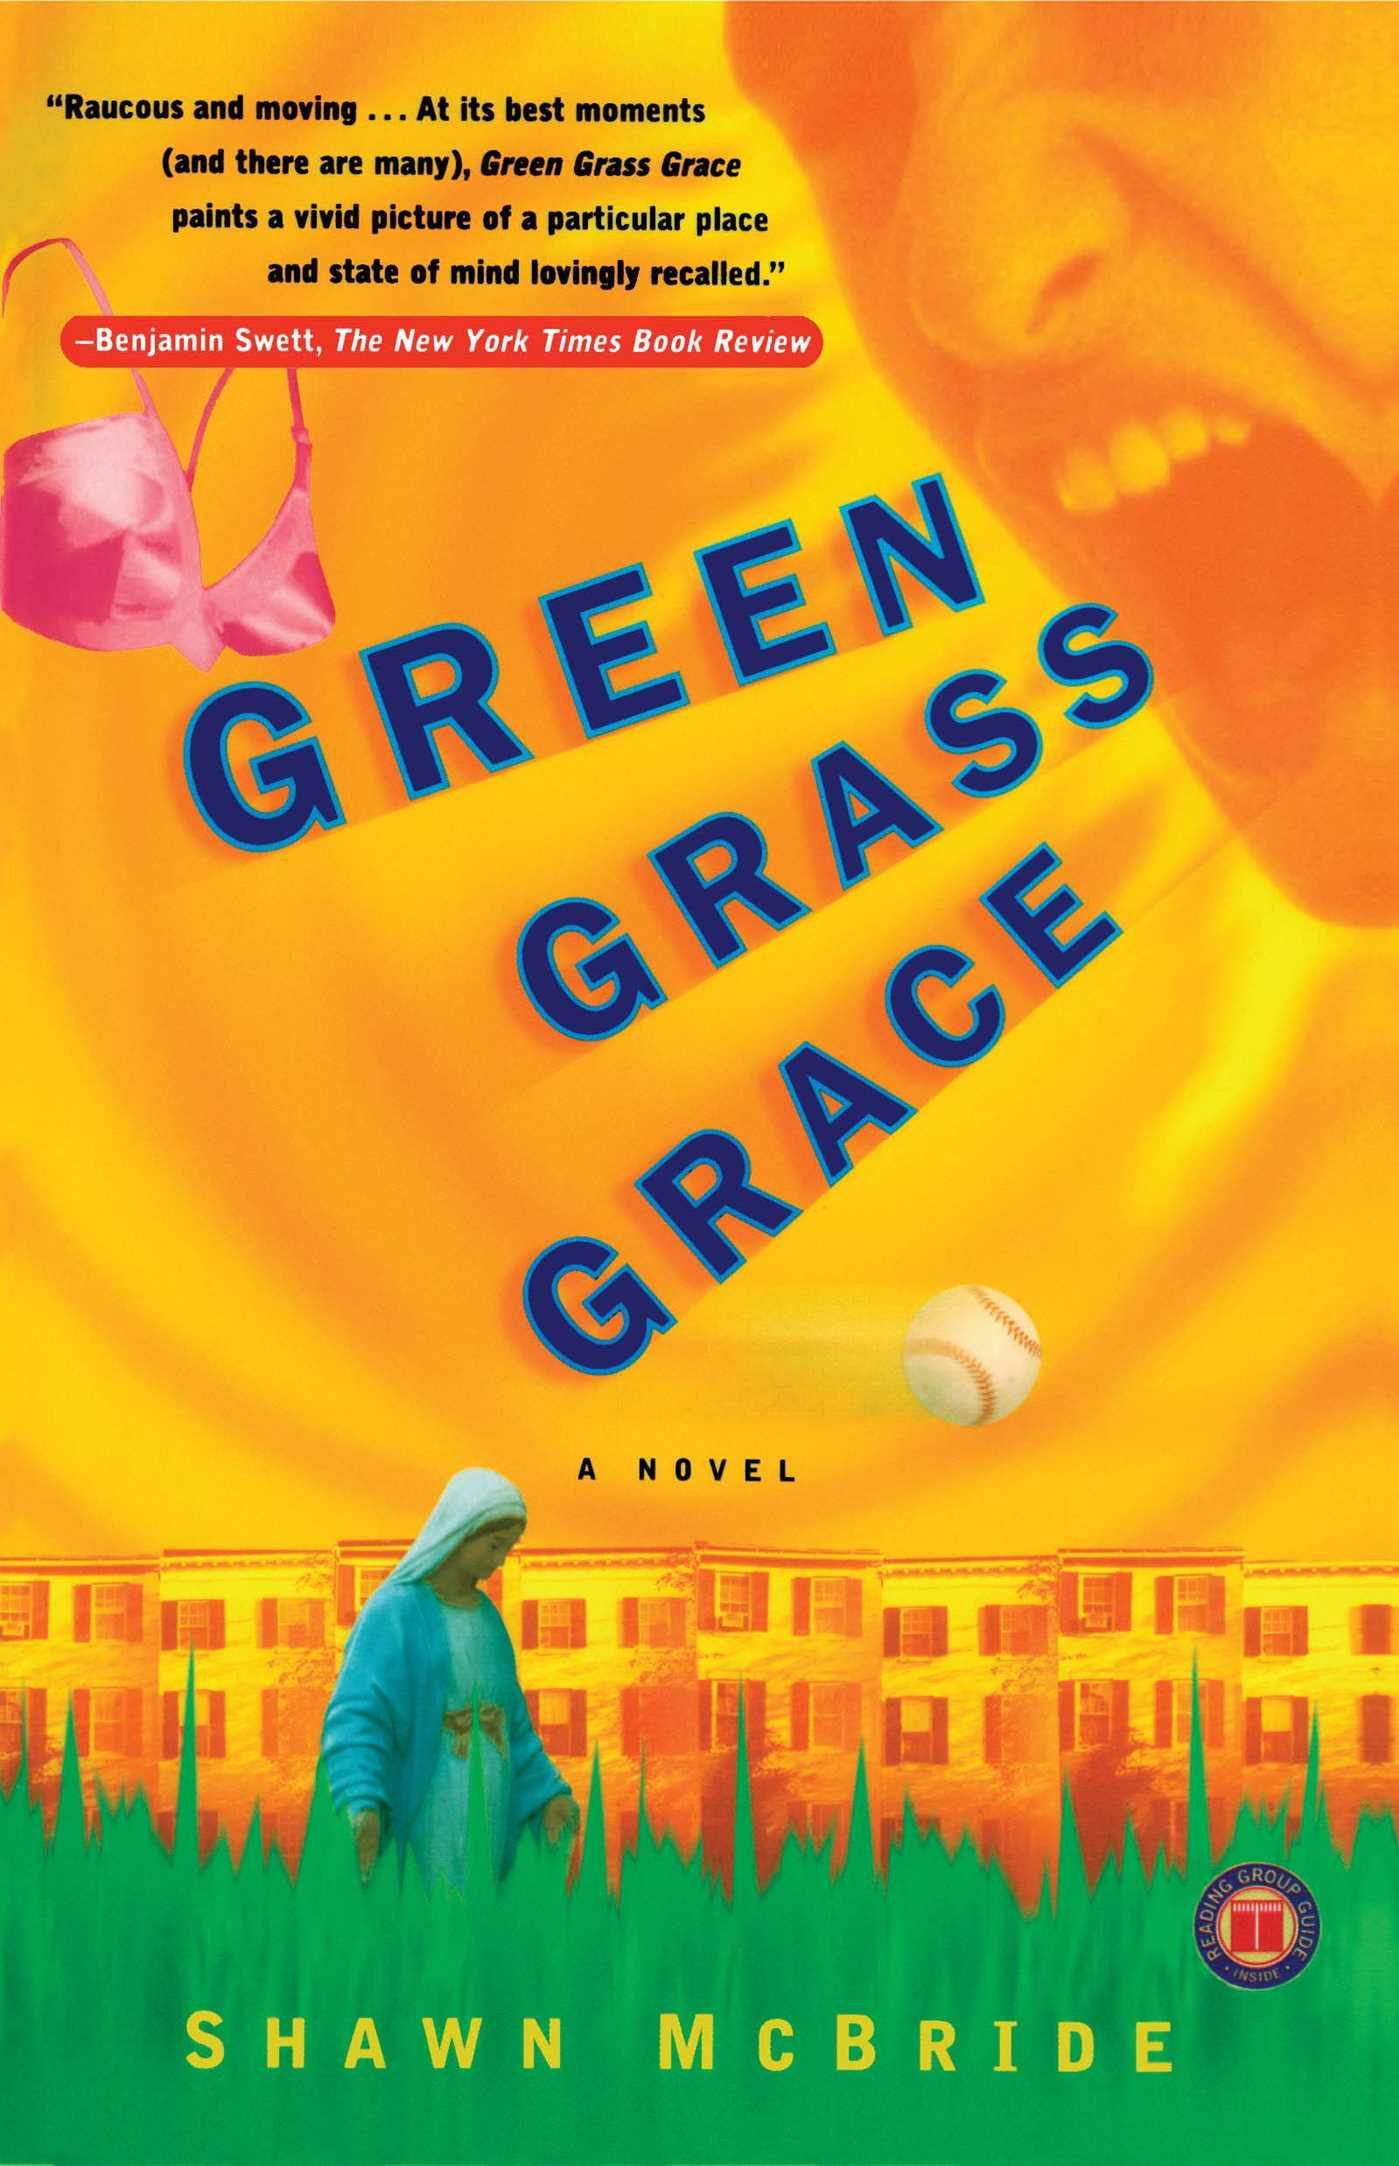 Green grass grace 9780743223119 hr